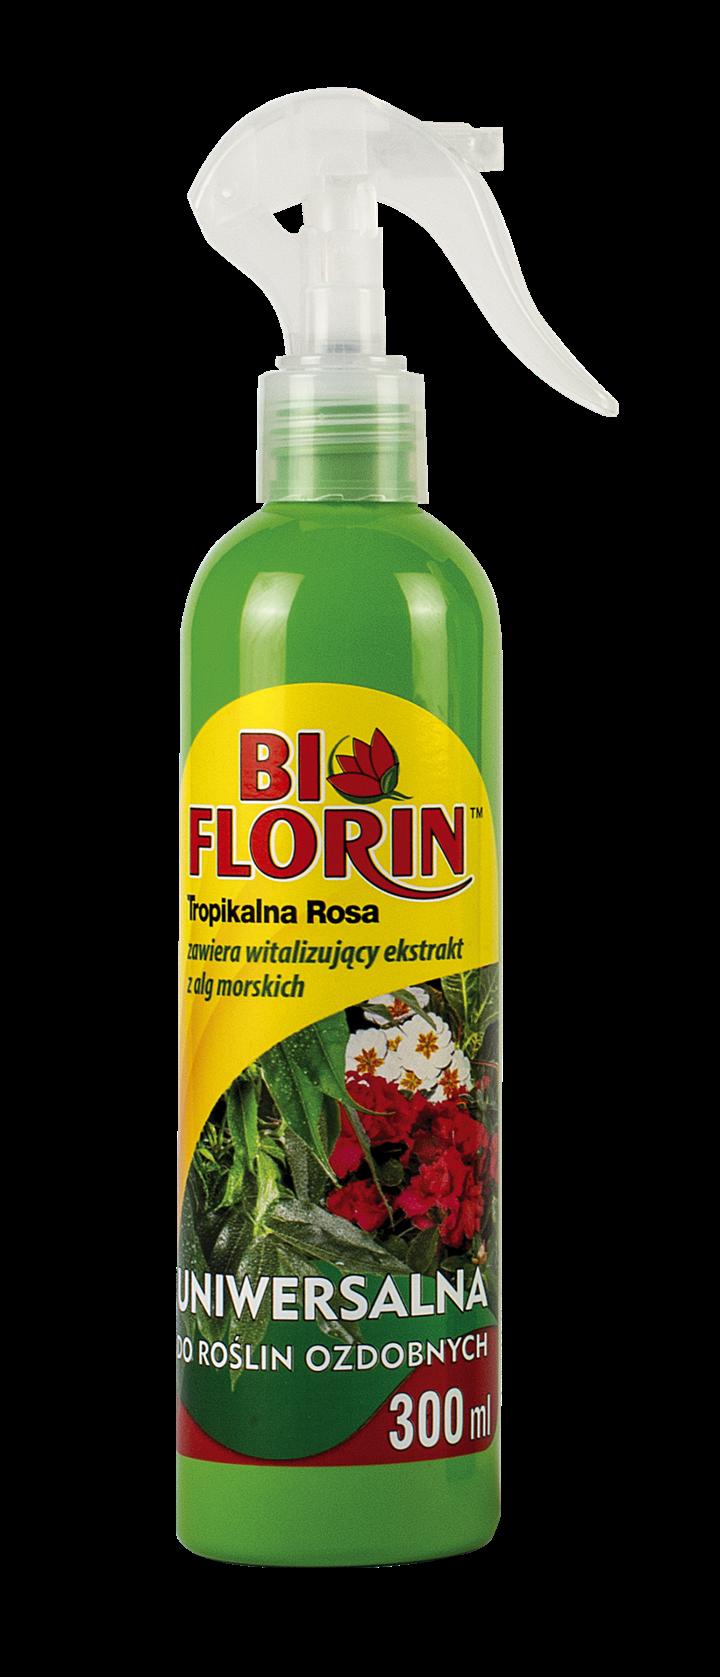 Tropikalna rosa uniwersalna do roślin ozdobnych